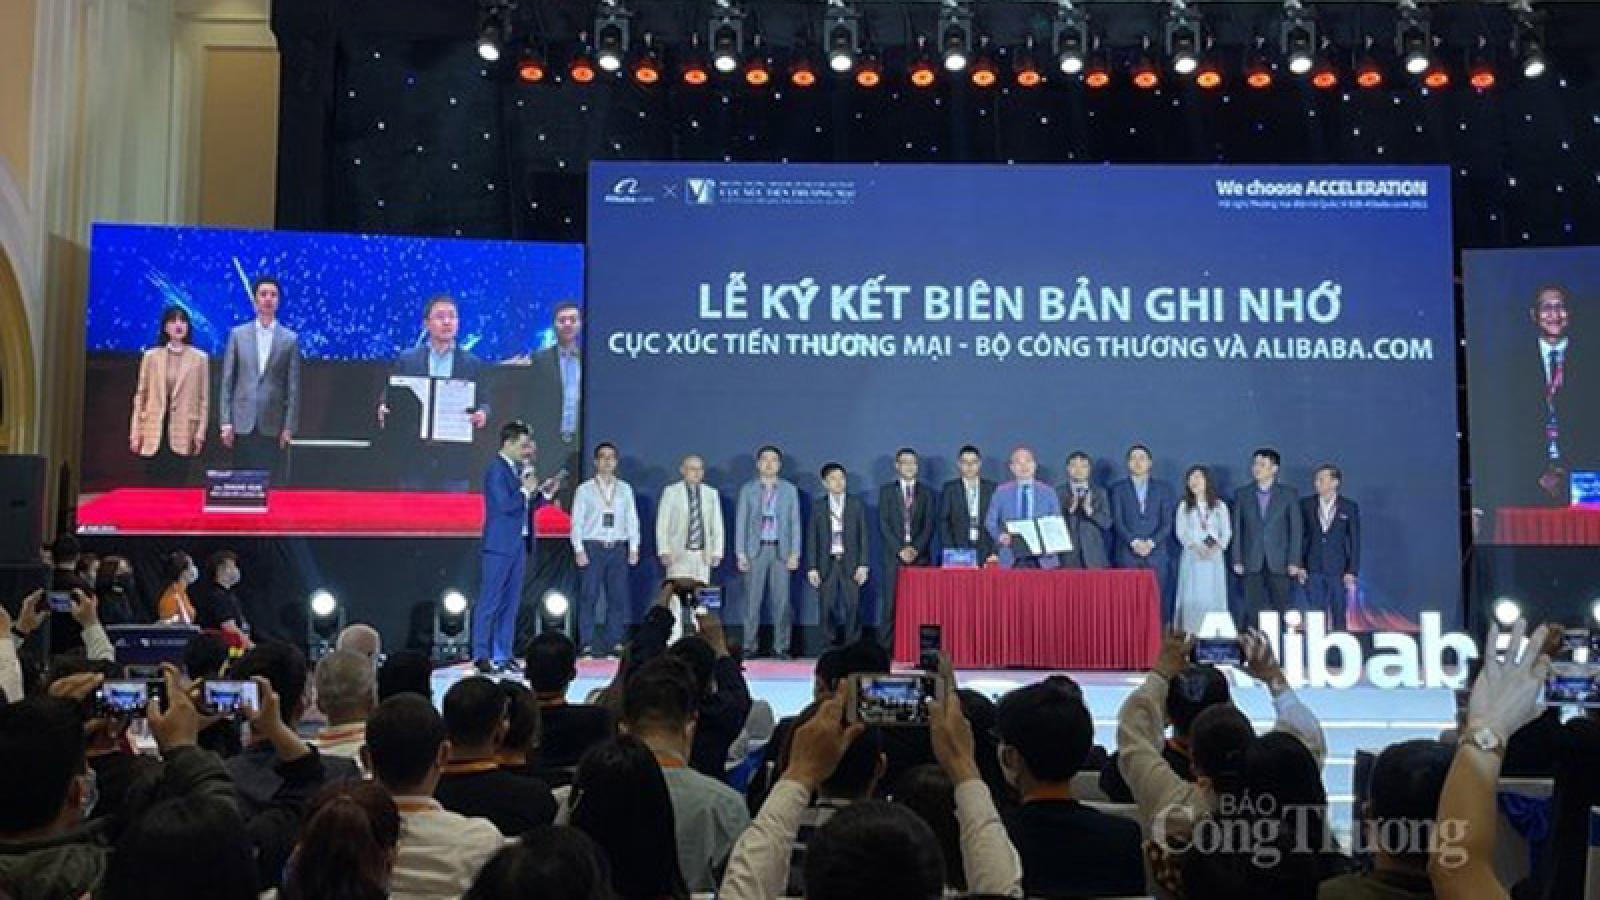 Vietrade, Alibaba.com partner to help firms with online export